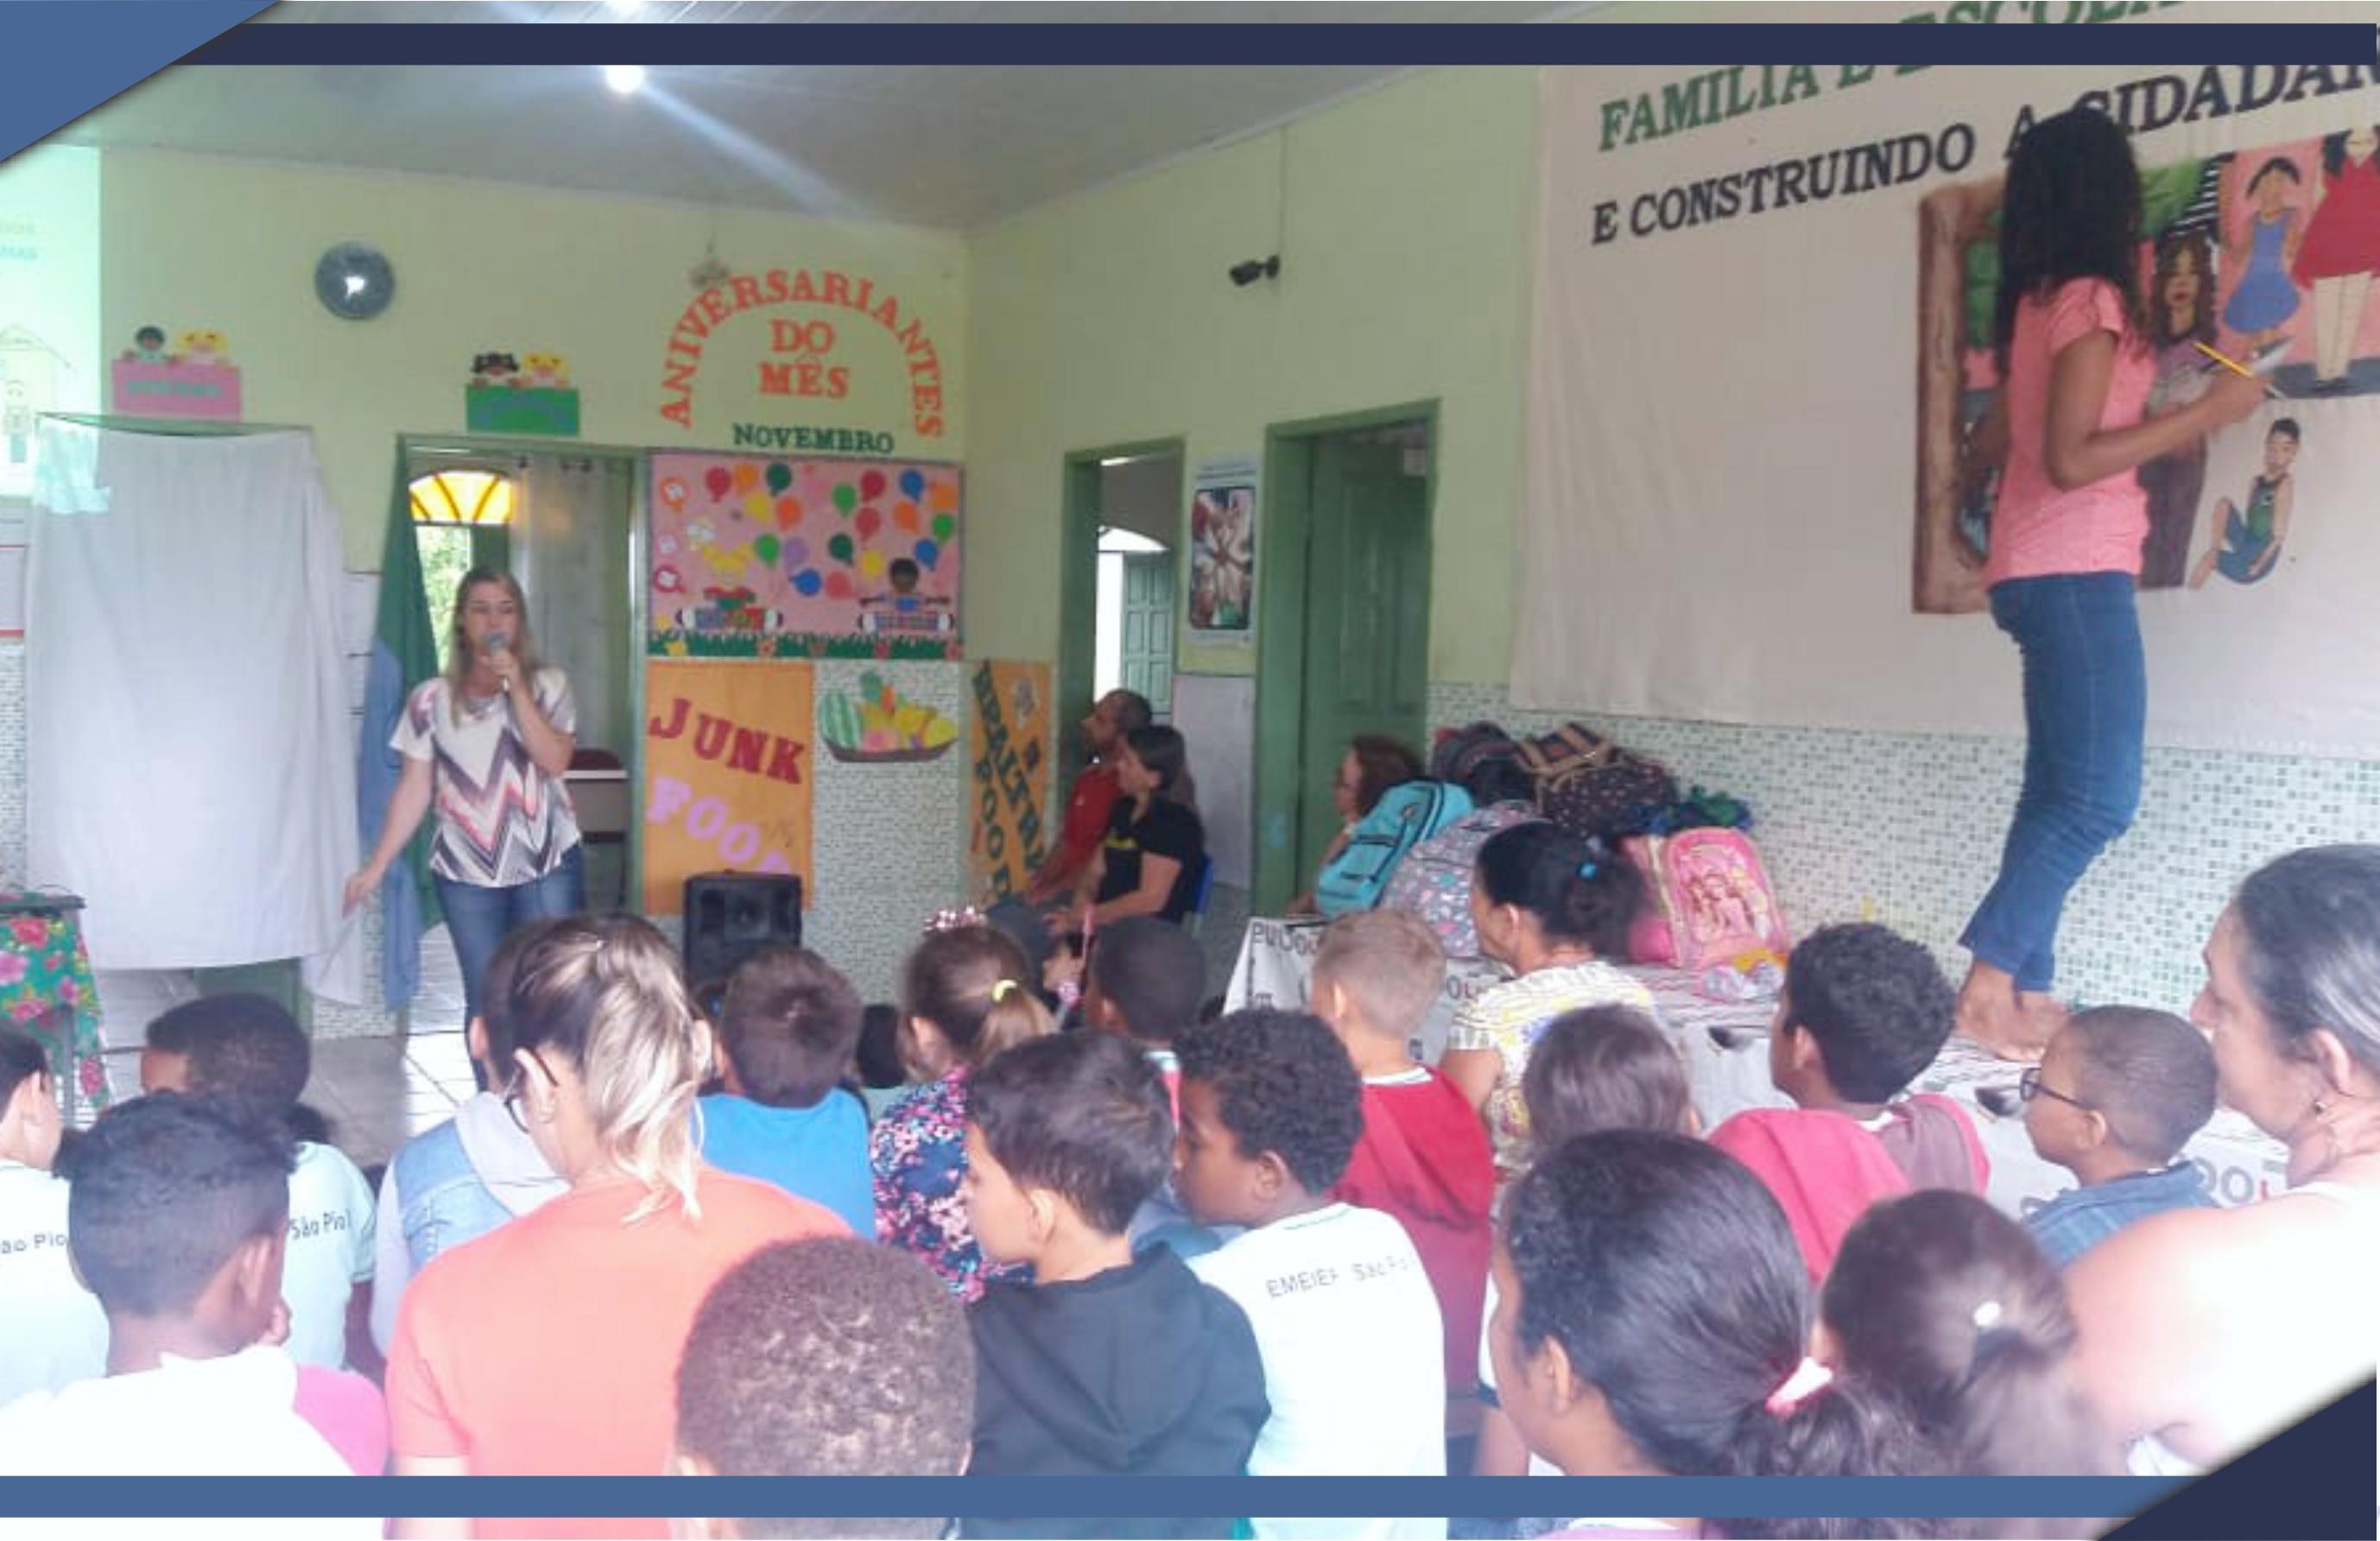 EMEIEF de Córrego da Palmeira realiza Semana da Família na Escola